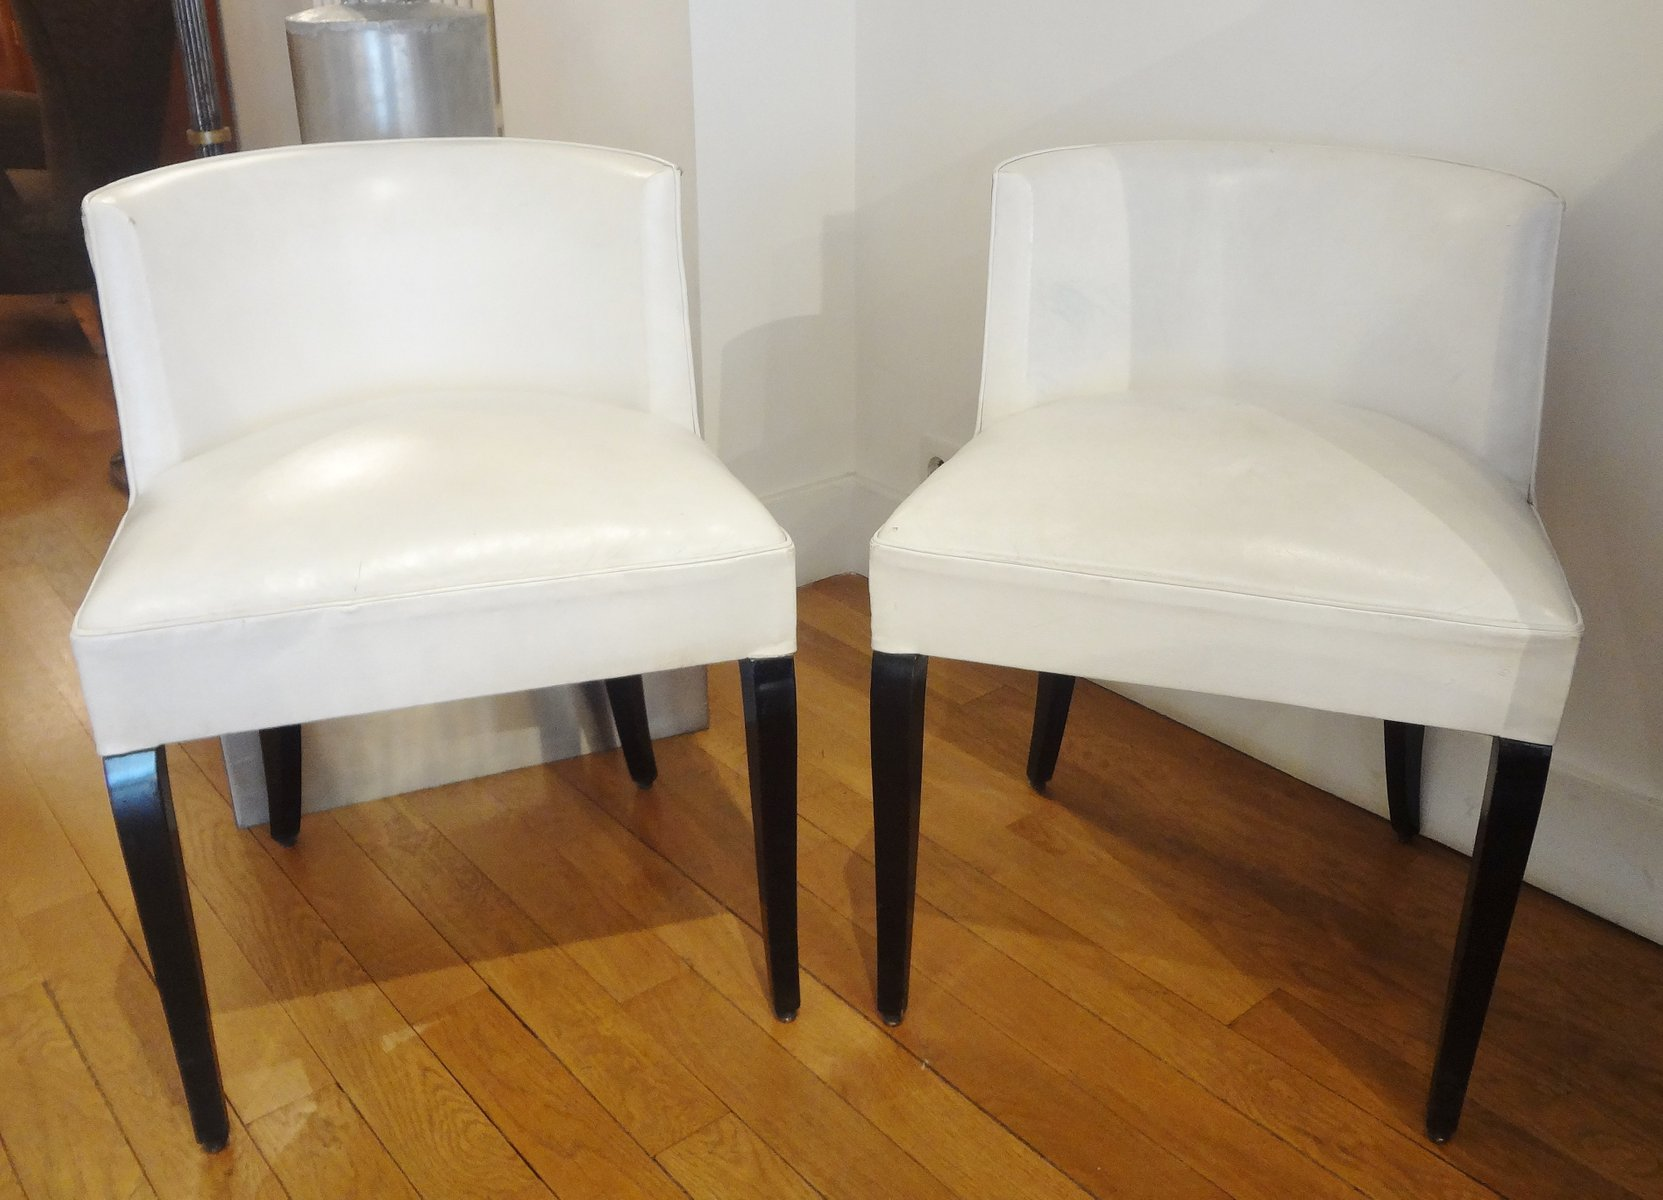 wei e vintage st hle von janques adnet 1930er 2er set bei pamono kaufen. Black Bedroom Furniture Sets. Home Design Ideas